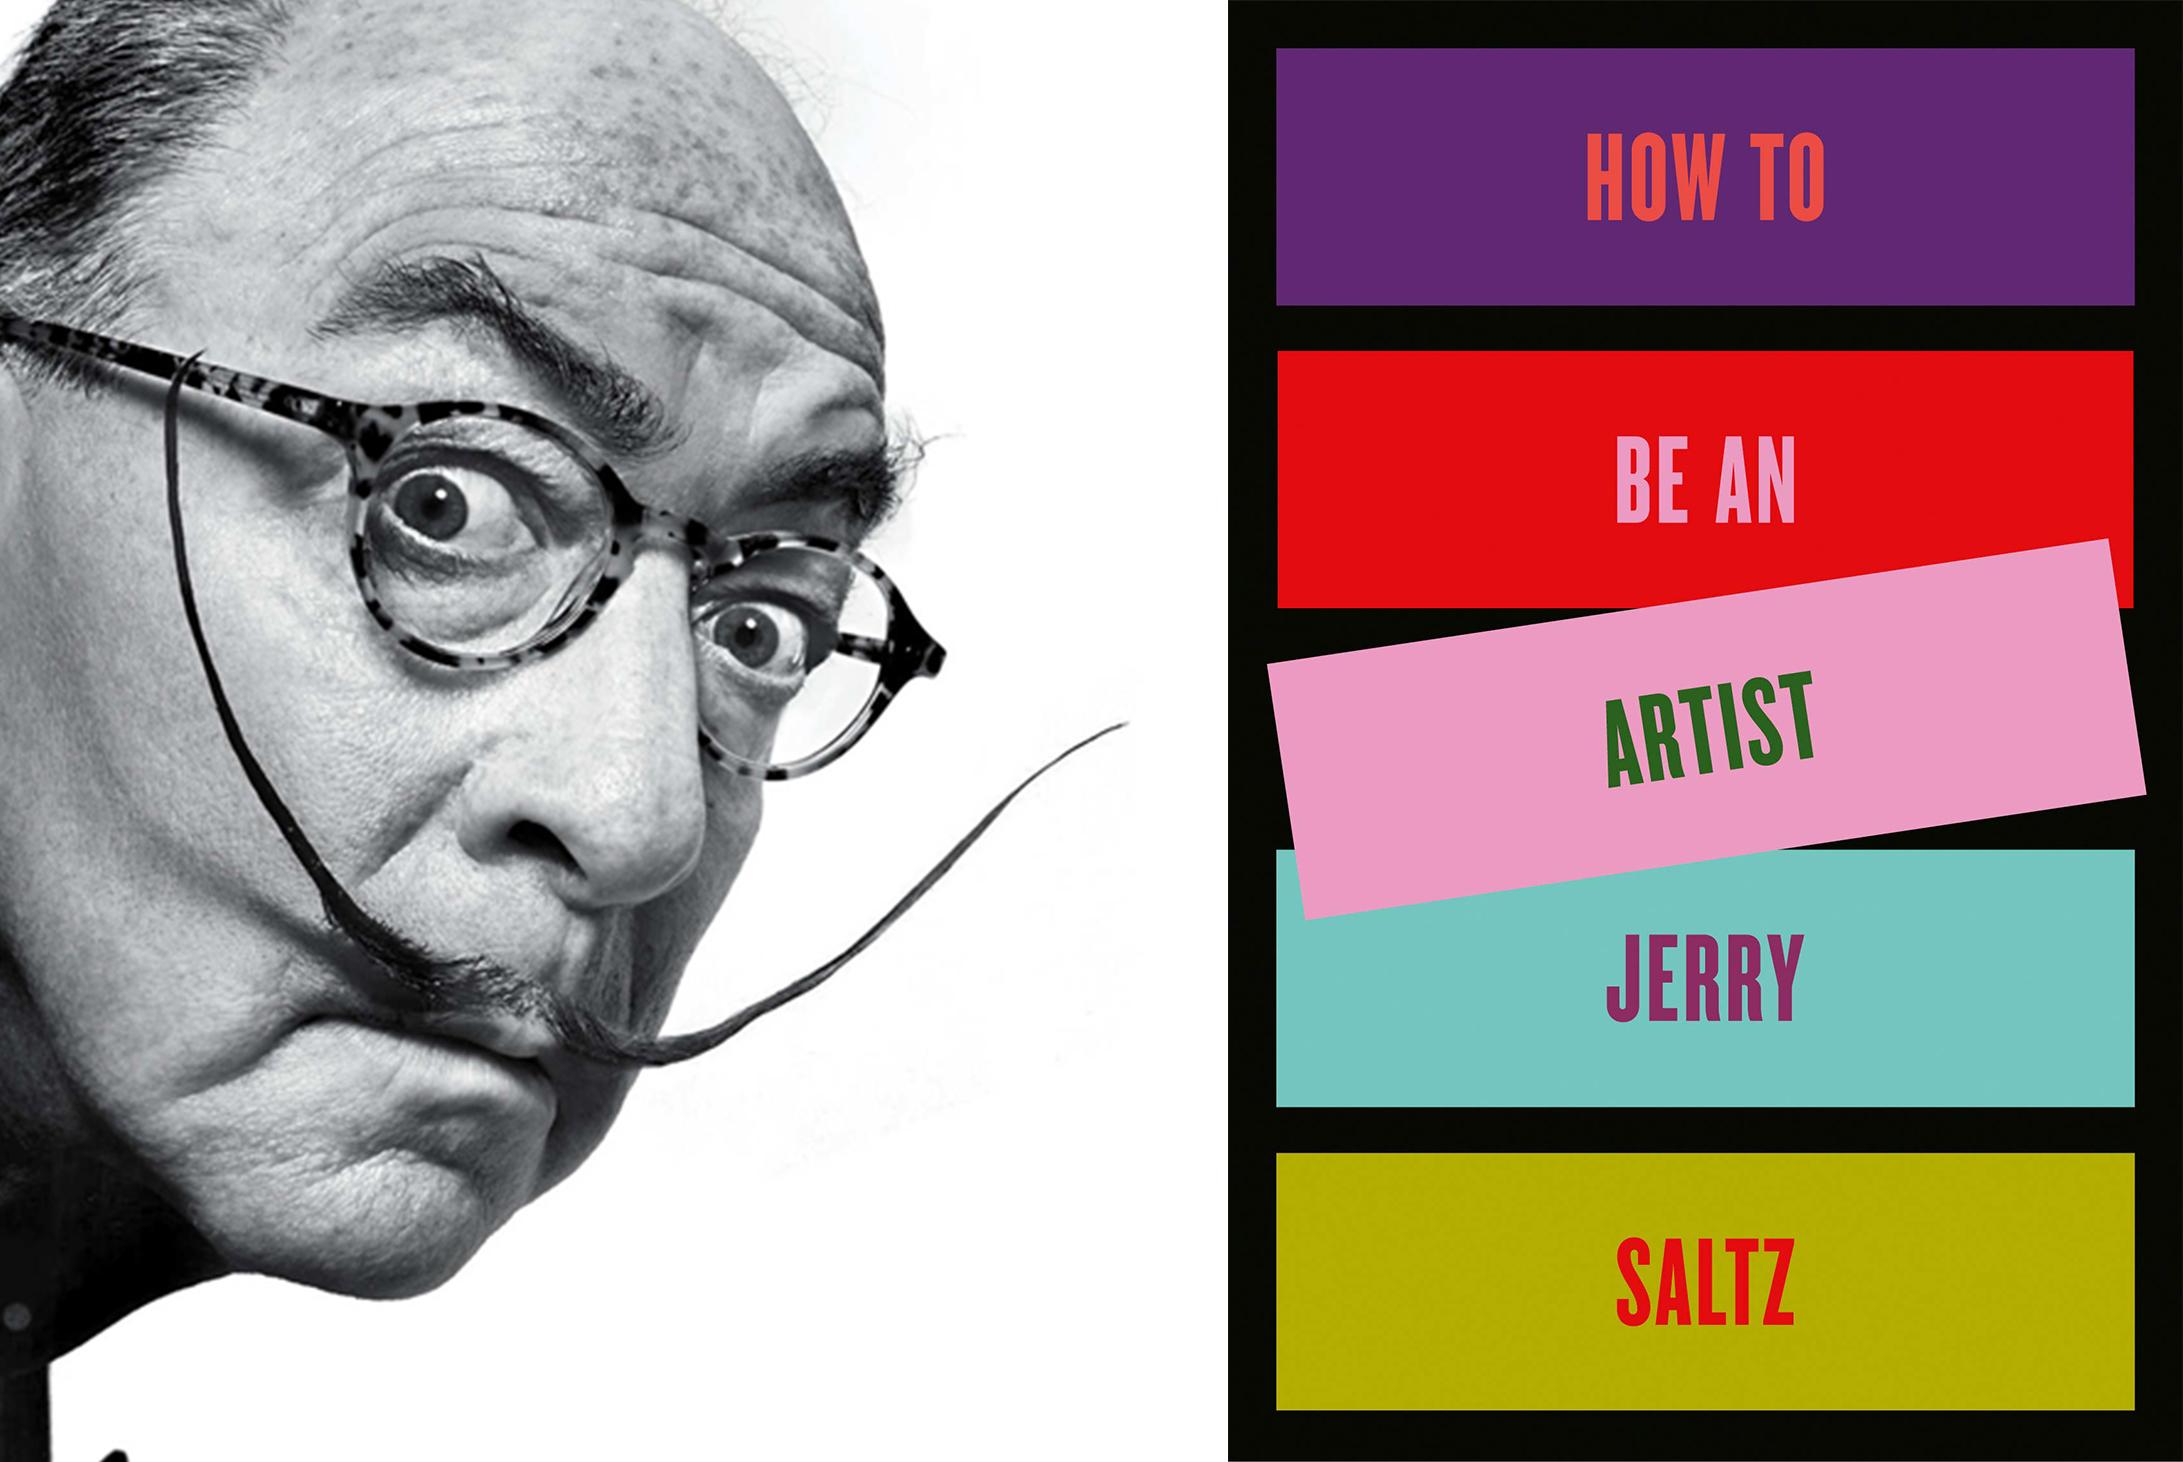 how to be an artist jerr-y saltz confinement créativité